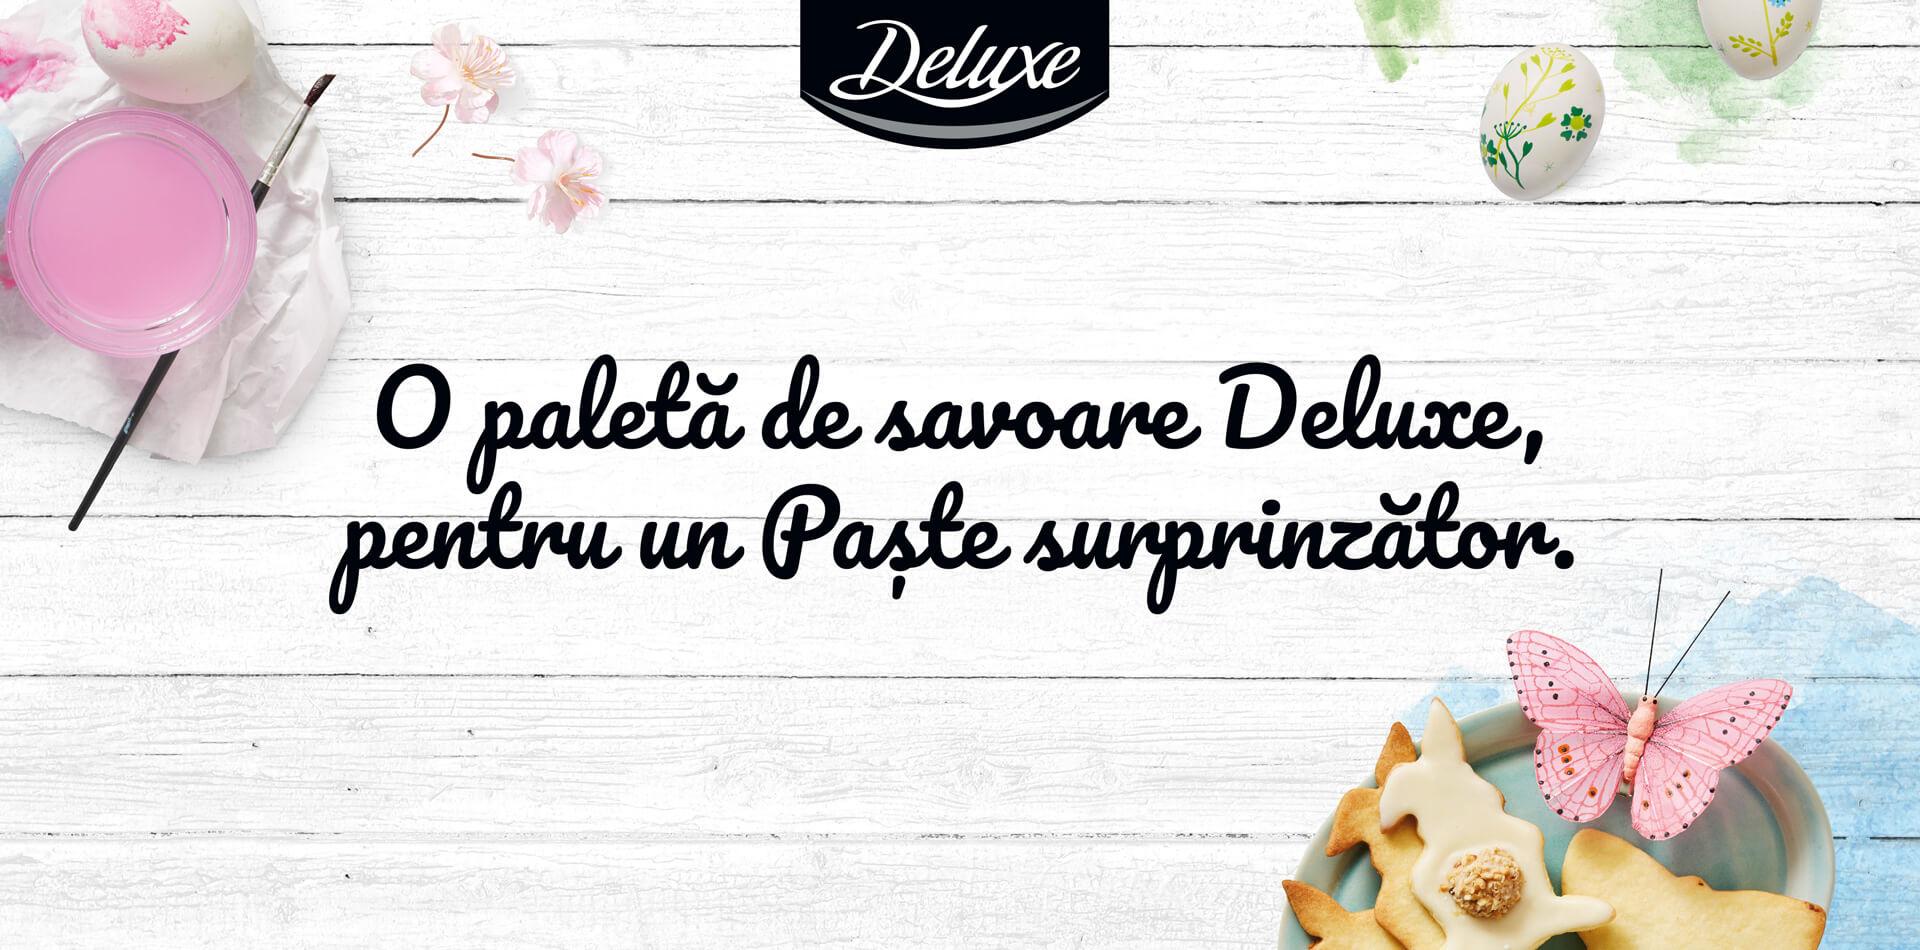 Deluxe O paletă de savoare Deluxe, pentru un Paște surprinzător.